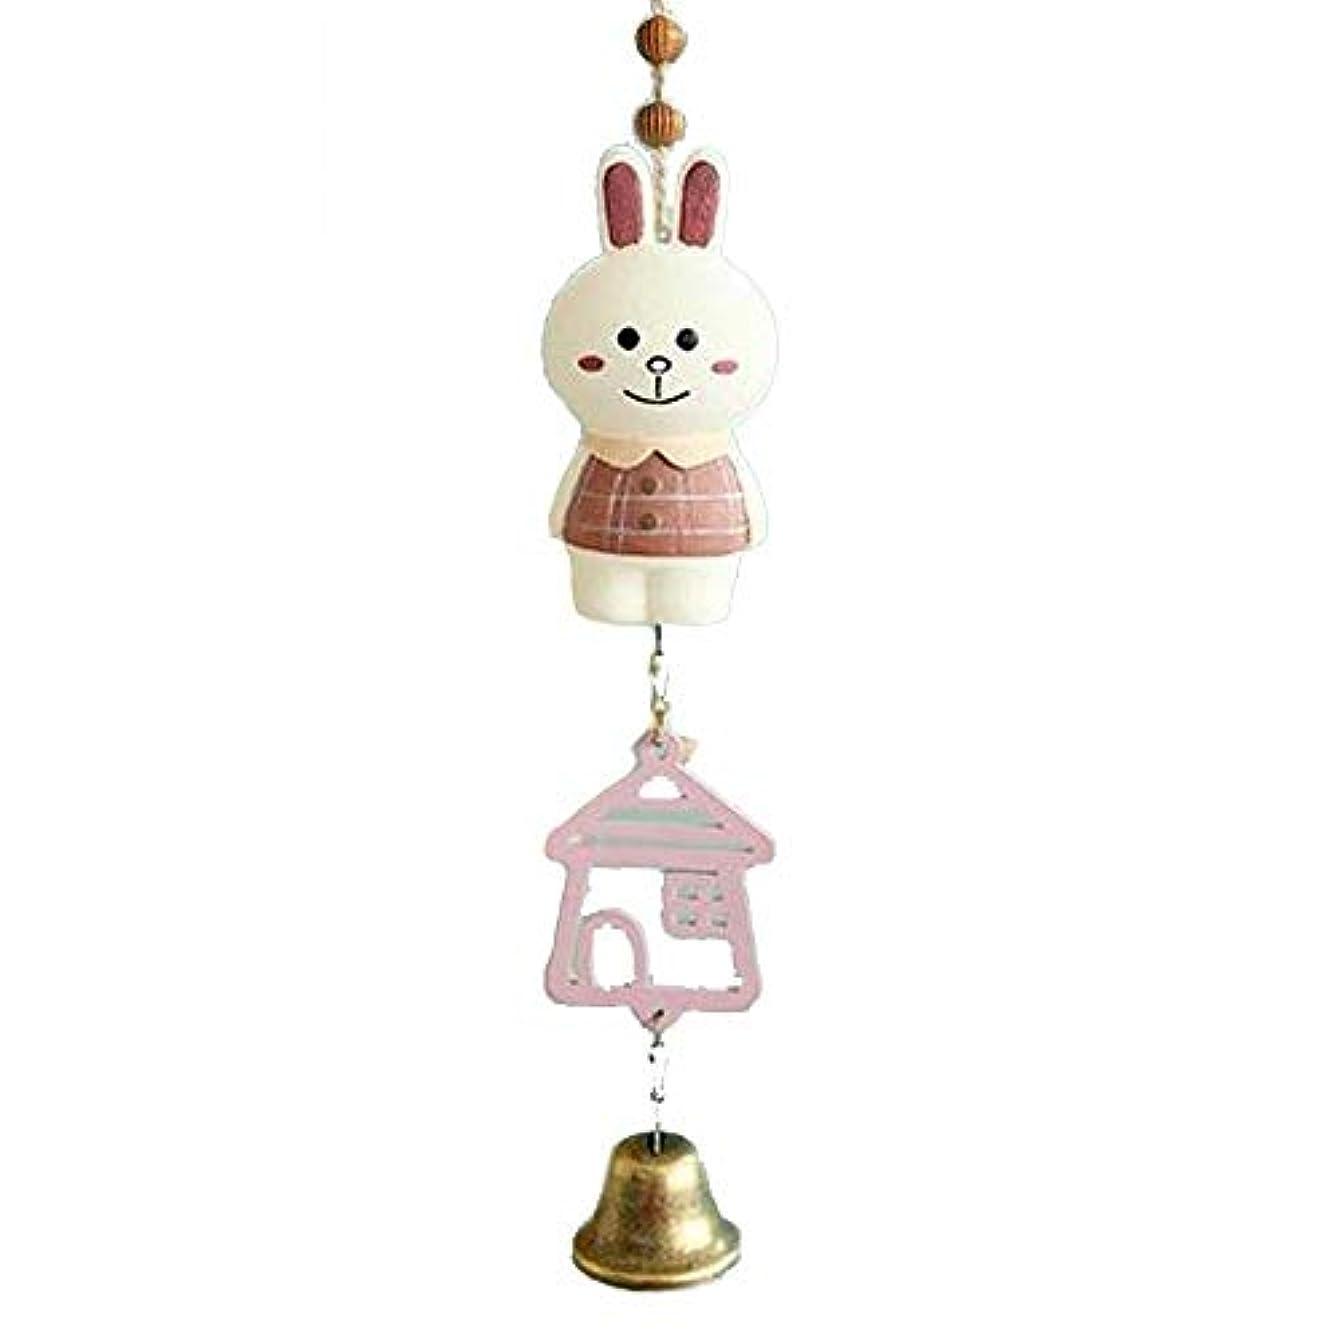 大工テスト酸度風鈴、創造的なかわいい動物風鈴、女の子の心の誕生日プレゼント、サイズ、5 * 23センチメートル (Color : White)